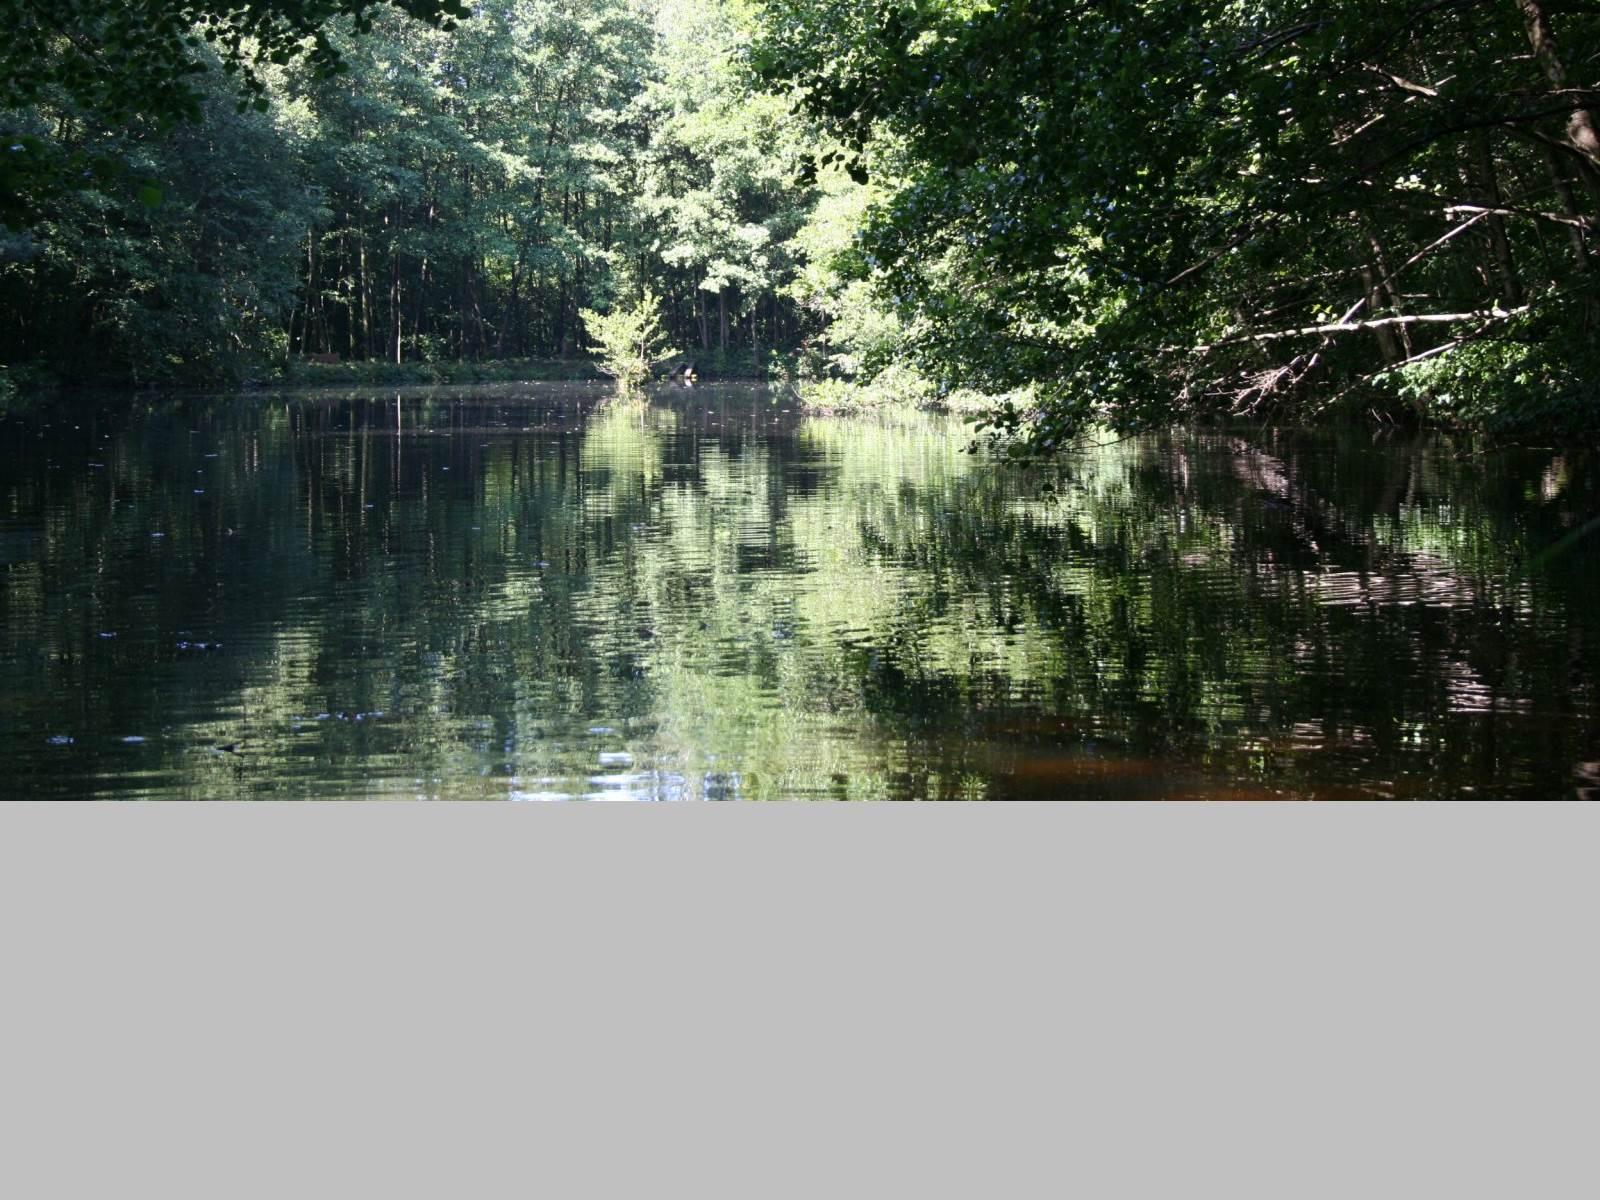 Un étang calme,sauvage la Chapelle aux bois